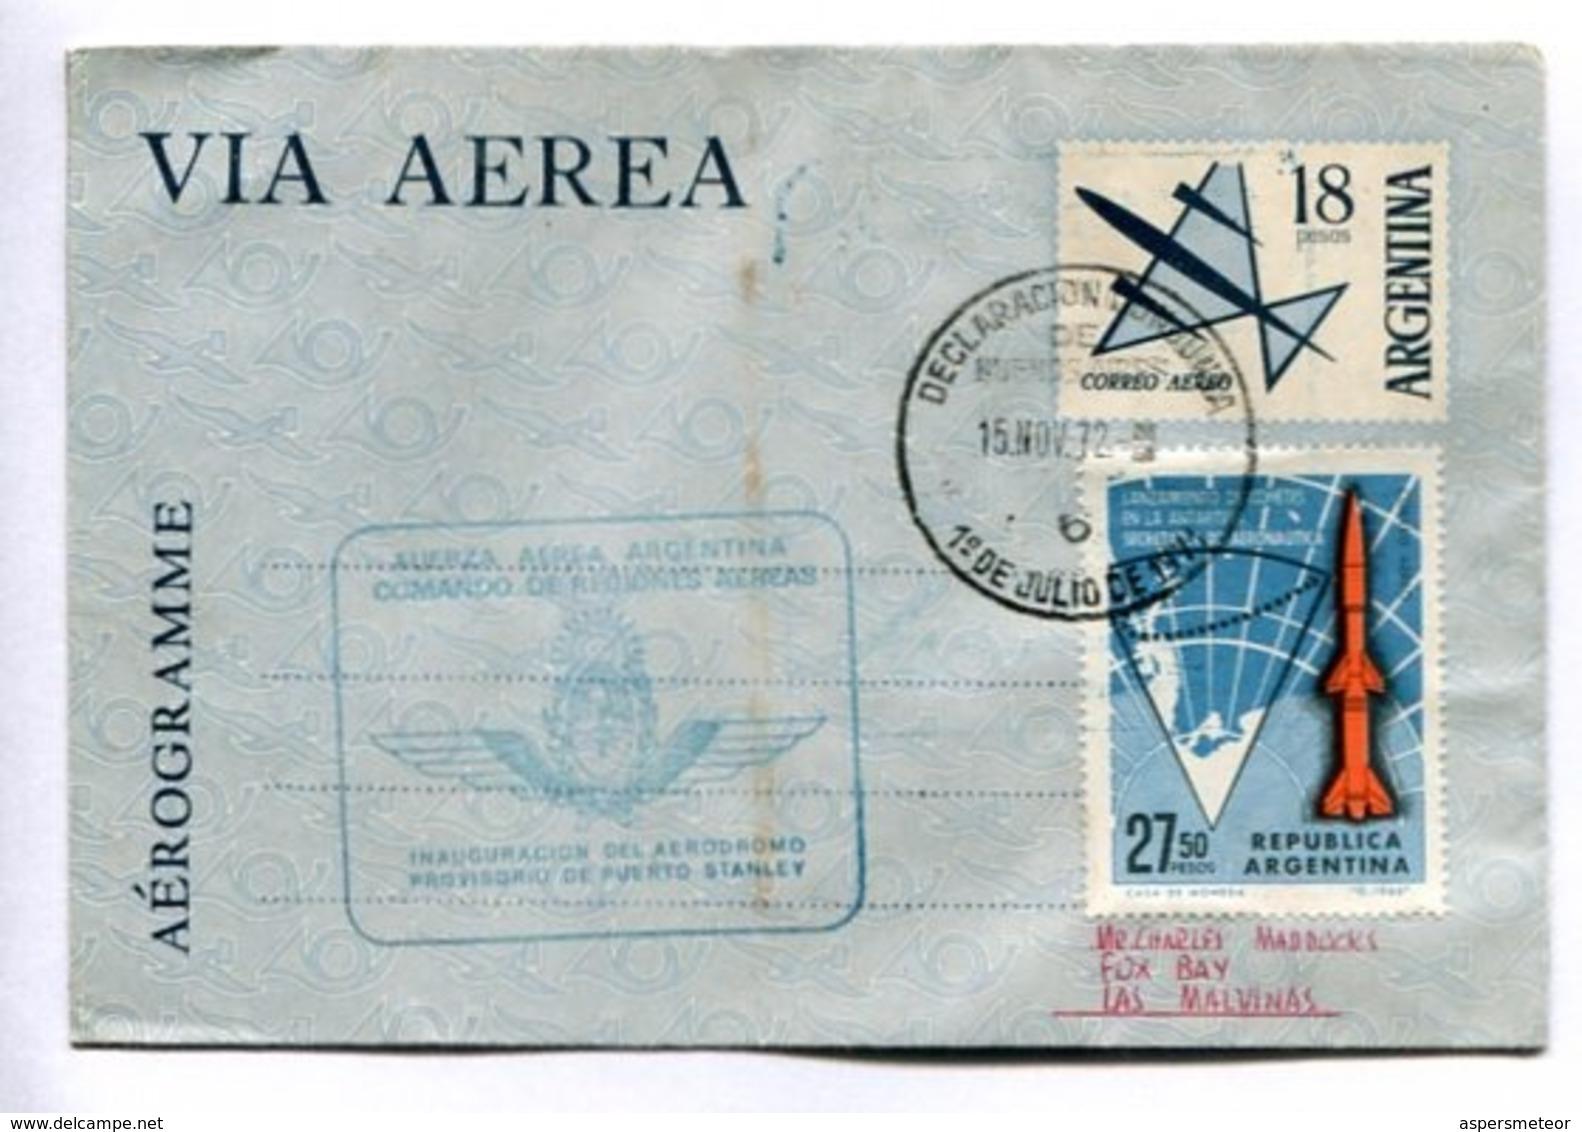 AEROGRAMME -  INAGURACION DEL AERÓDROMO PROVISORIO DE PUERTO STANLEY, AÑO 1972. ENVELOPE CIRCULATED -LILHU - Polar Flights